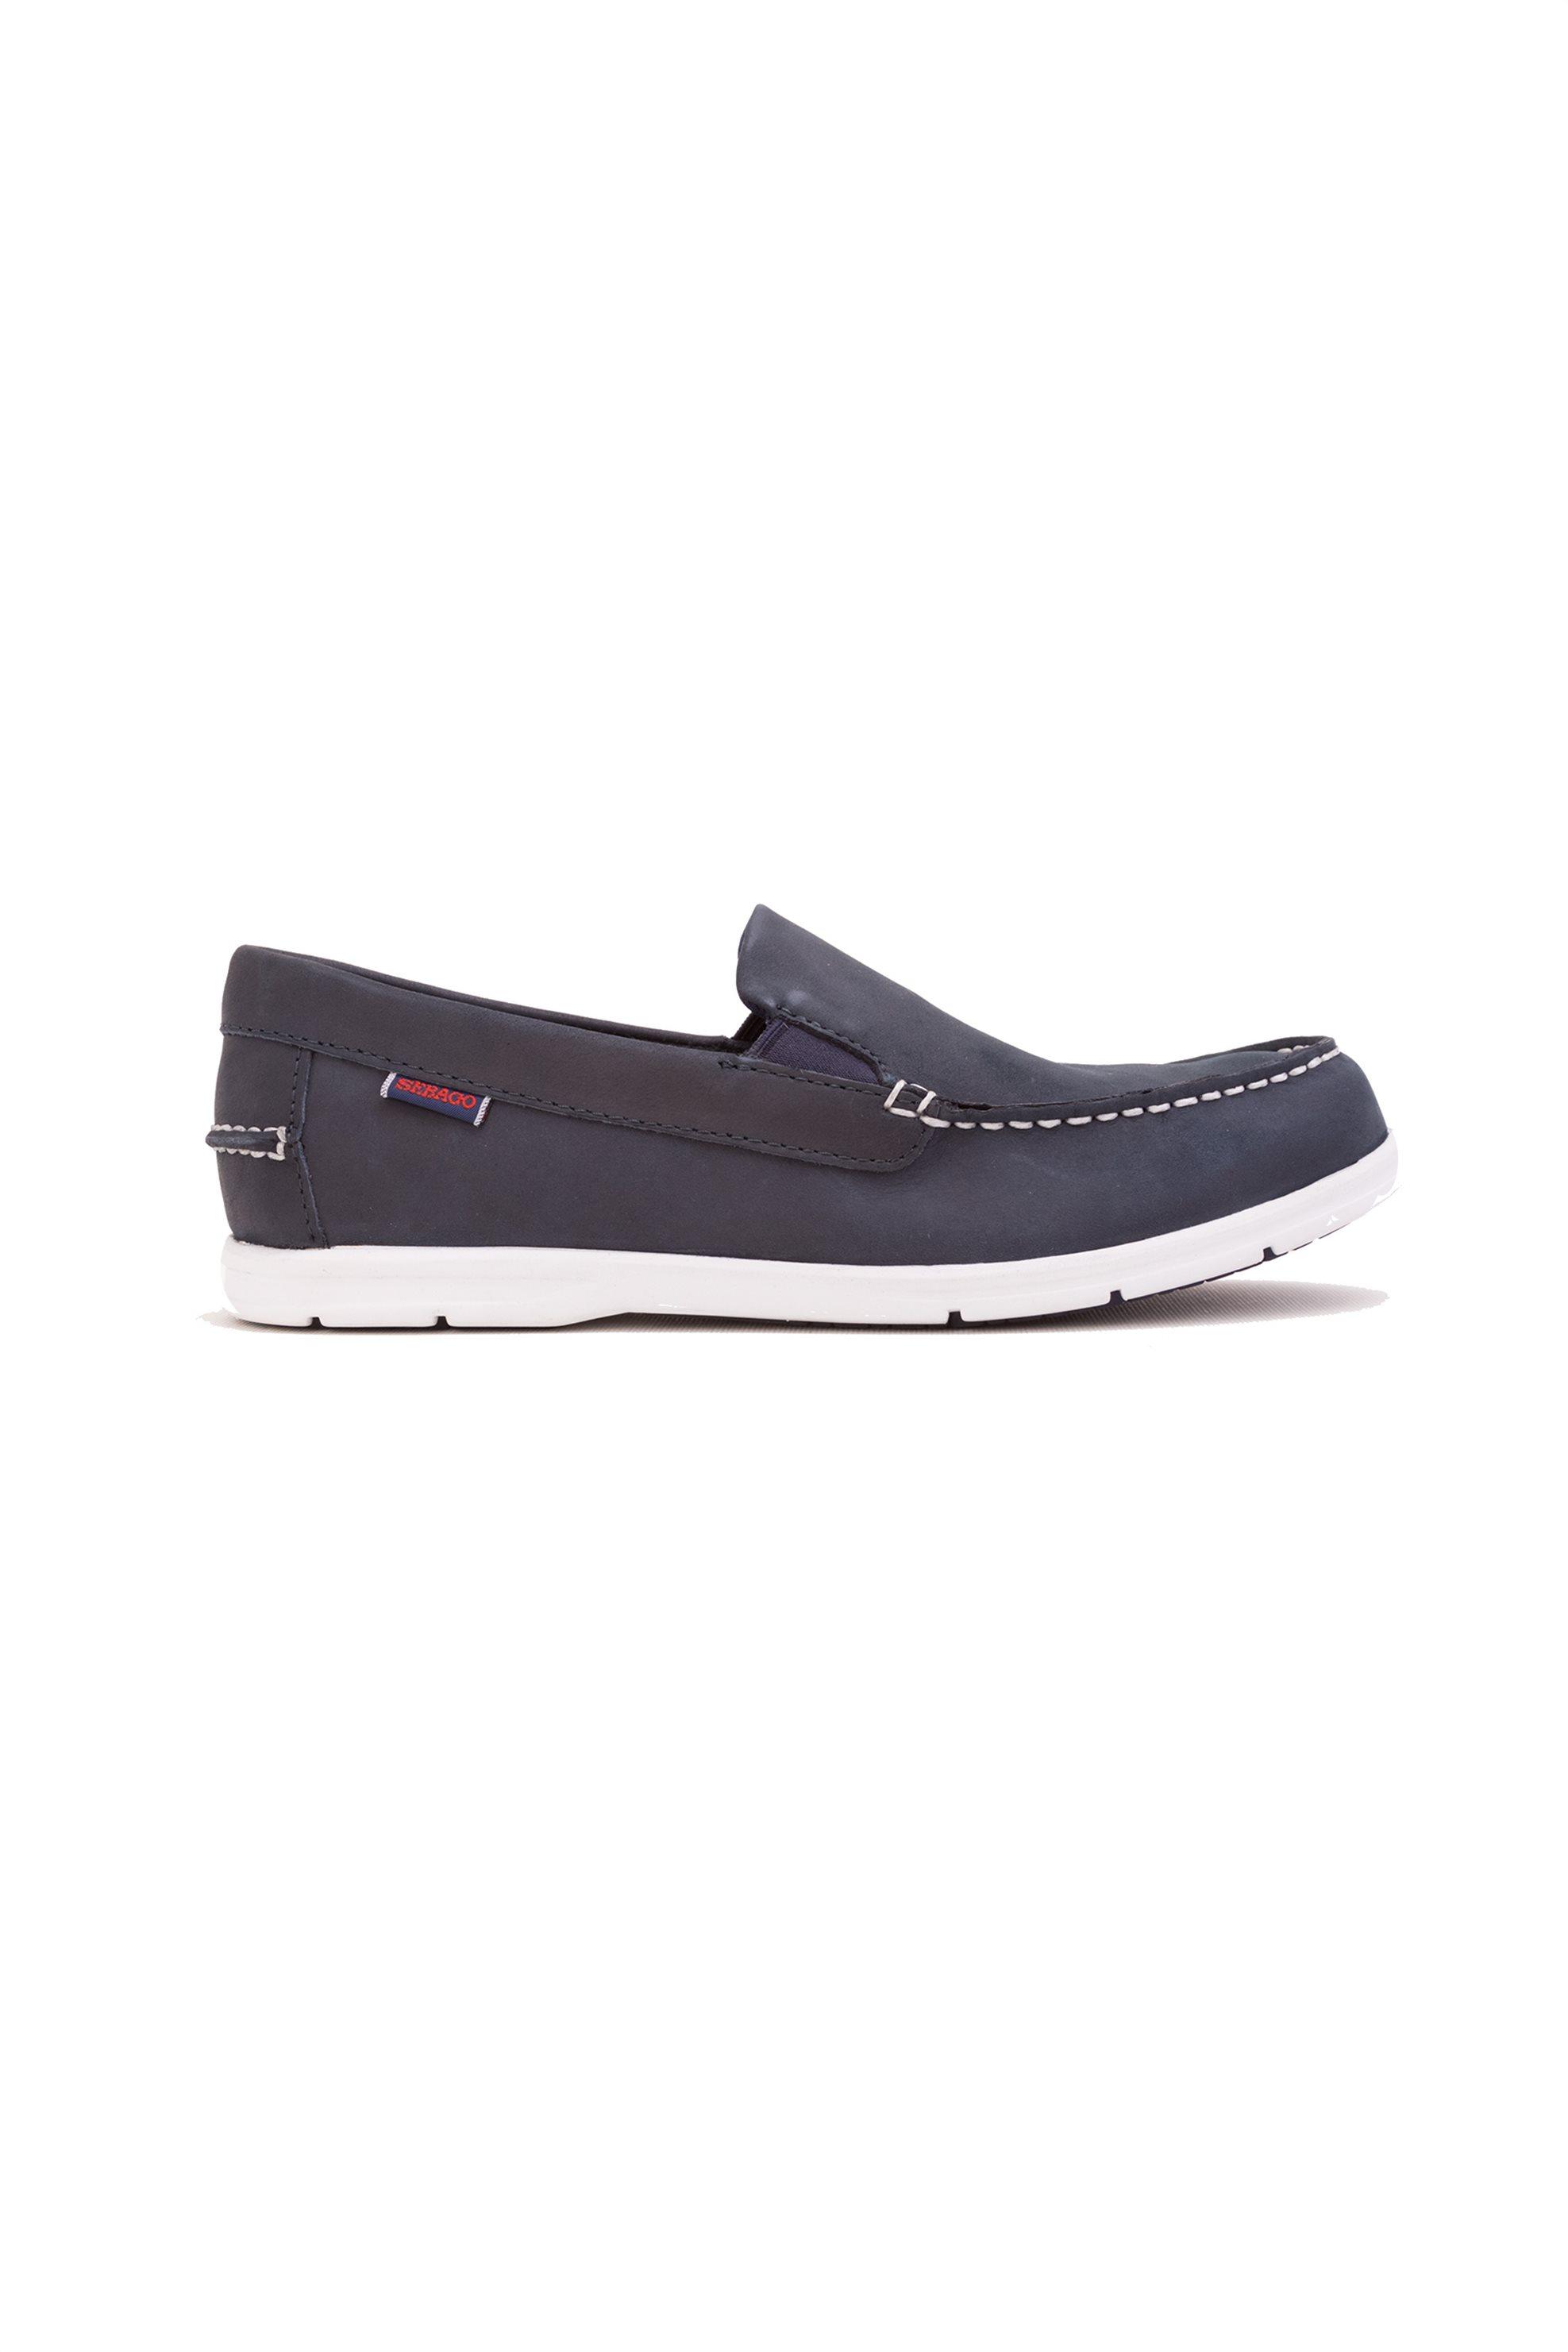 Ανδρικά παπούτσια boats χωρίς κορδόνια Sebago - B864071 - Μπλε Σκούρο ανδρασ   παπουτσια   boats